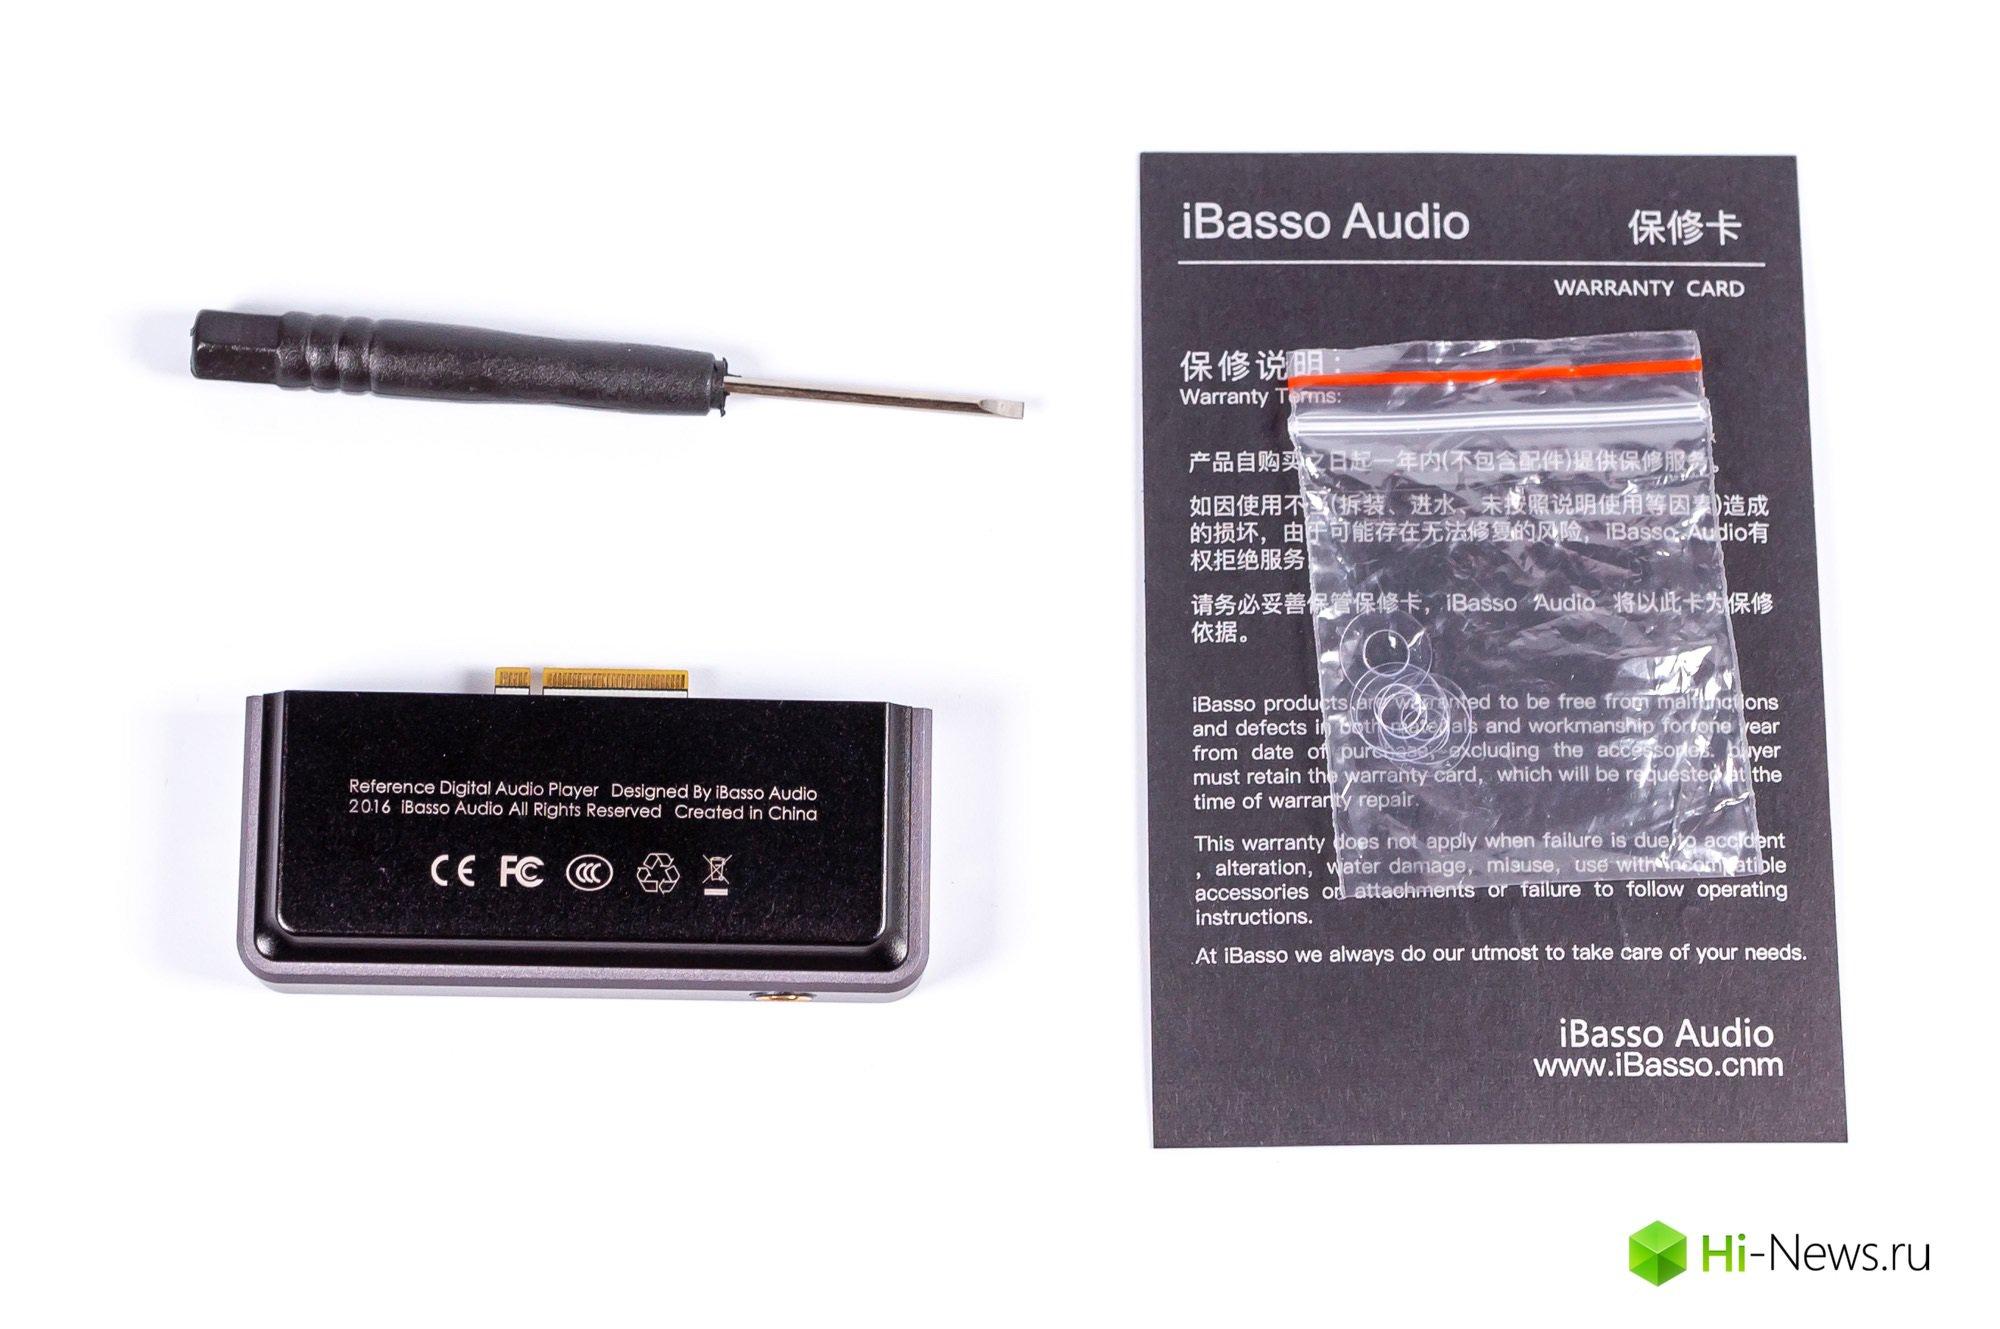 Обзор дискретных модулей усиления AMP7 и AMP8 для плееров iBasso